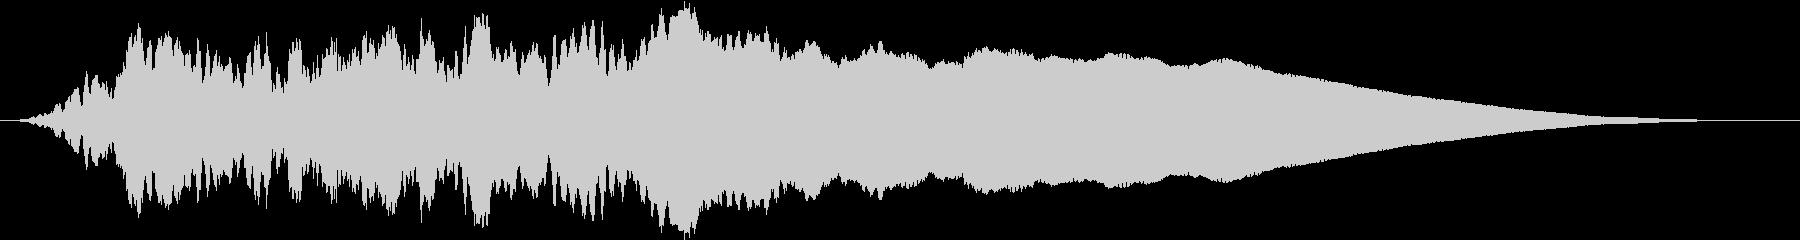 【ホラーゲーム】空間_03 幻想の未再生の波形